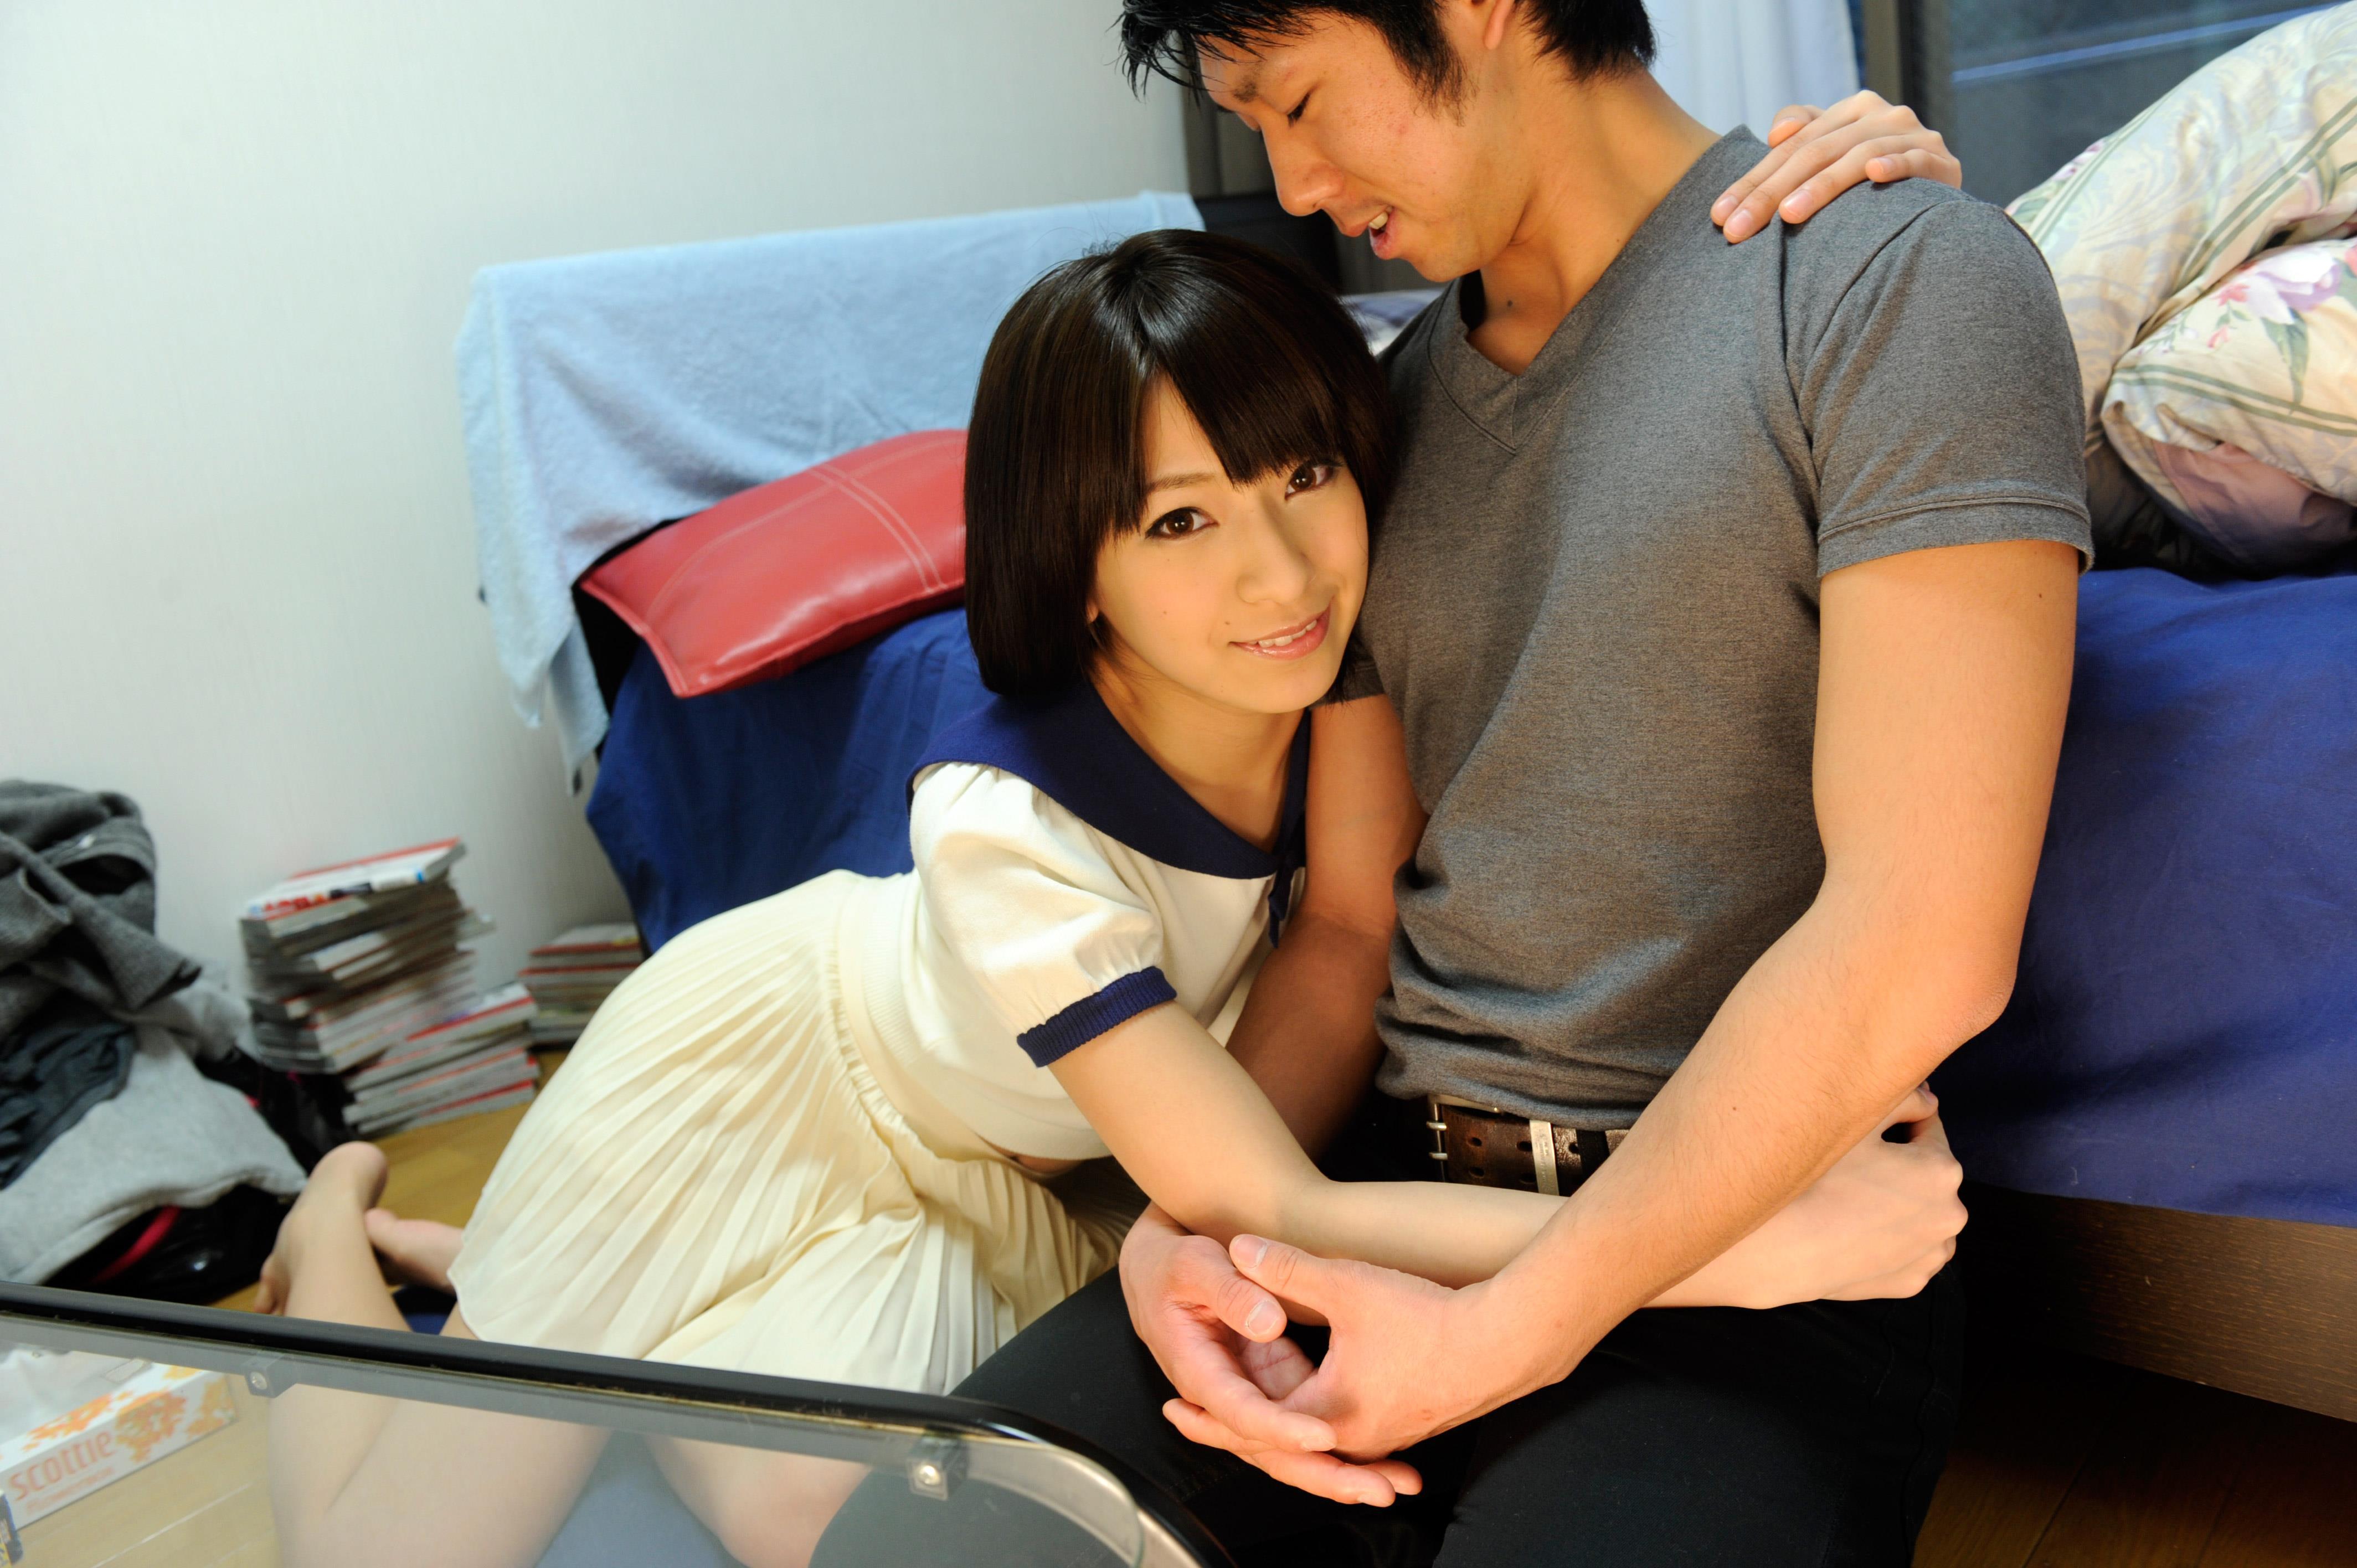 成宮ルリ セックス画像 77